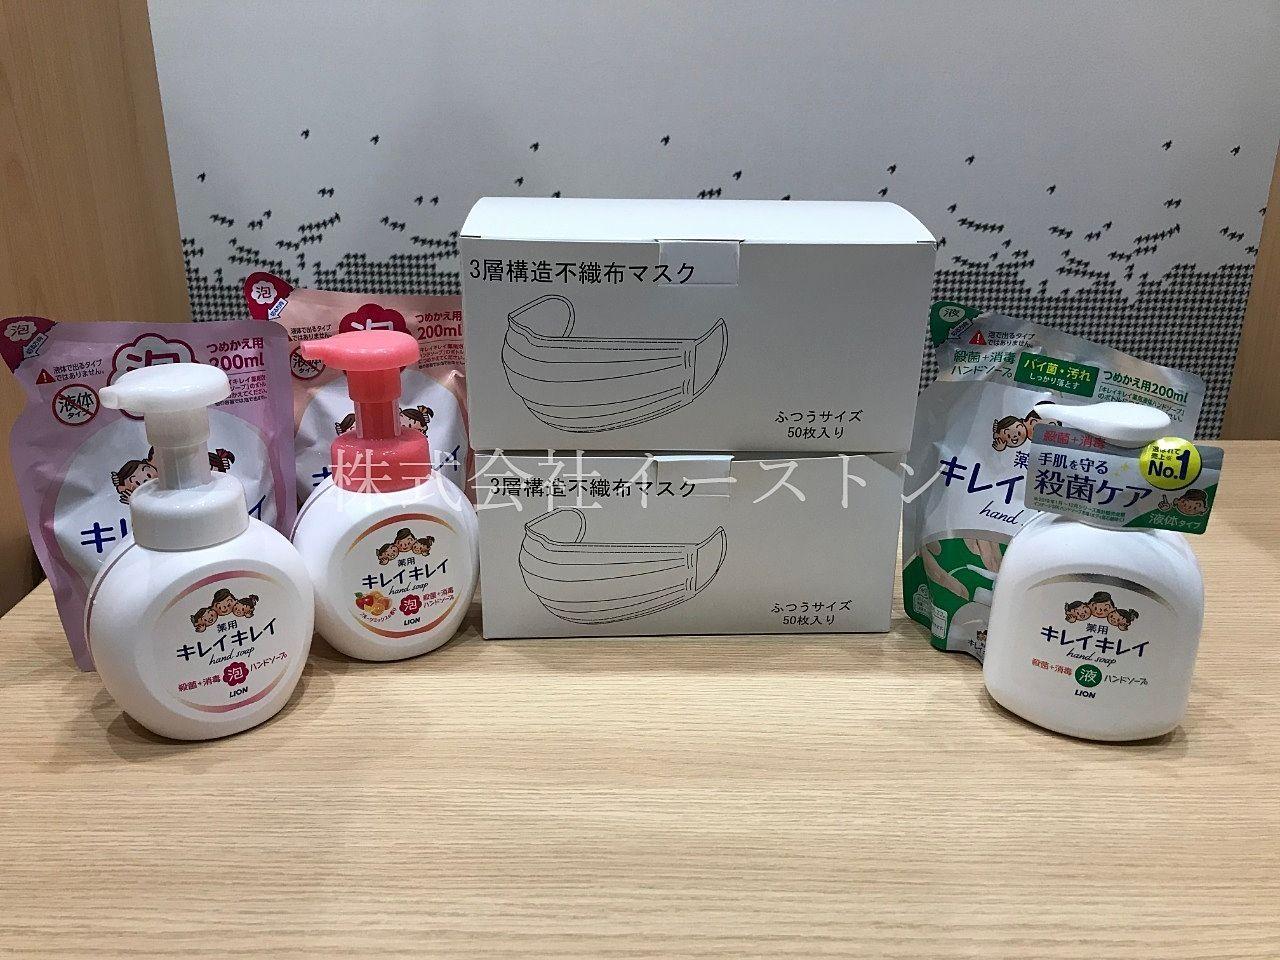 【鹿児島市不動産】衛生用品プレゼントキャンペーンの当選者発表!